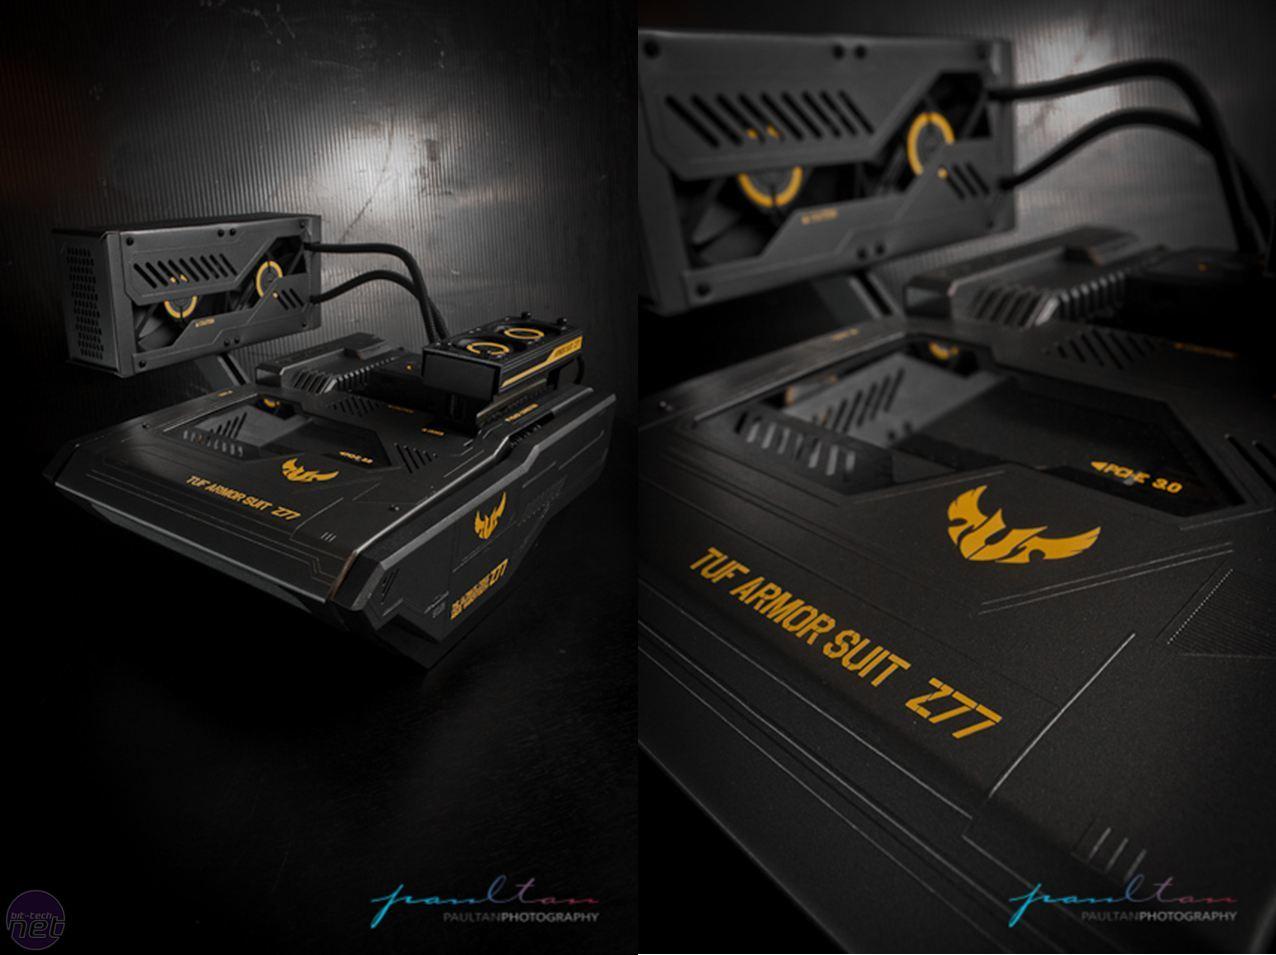 Asus TUF Armorsuit Z77 by Paul Tan   bit-tech net